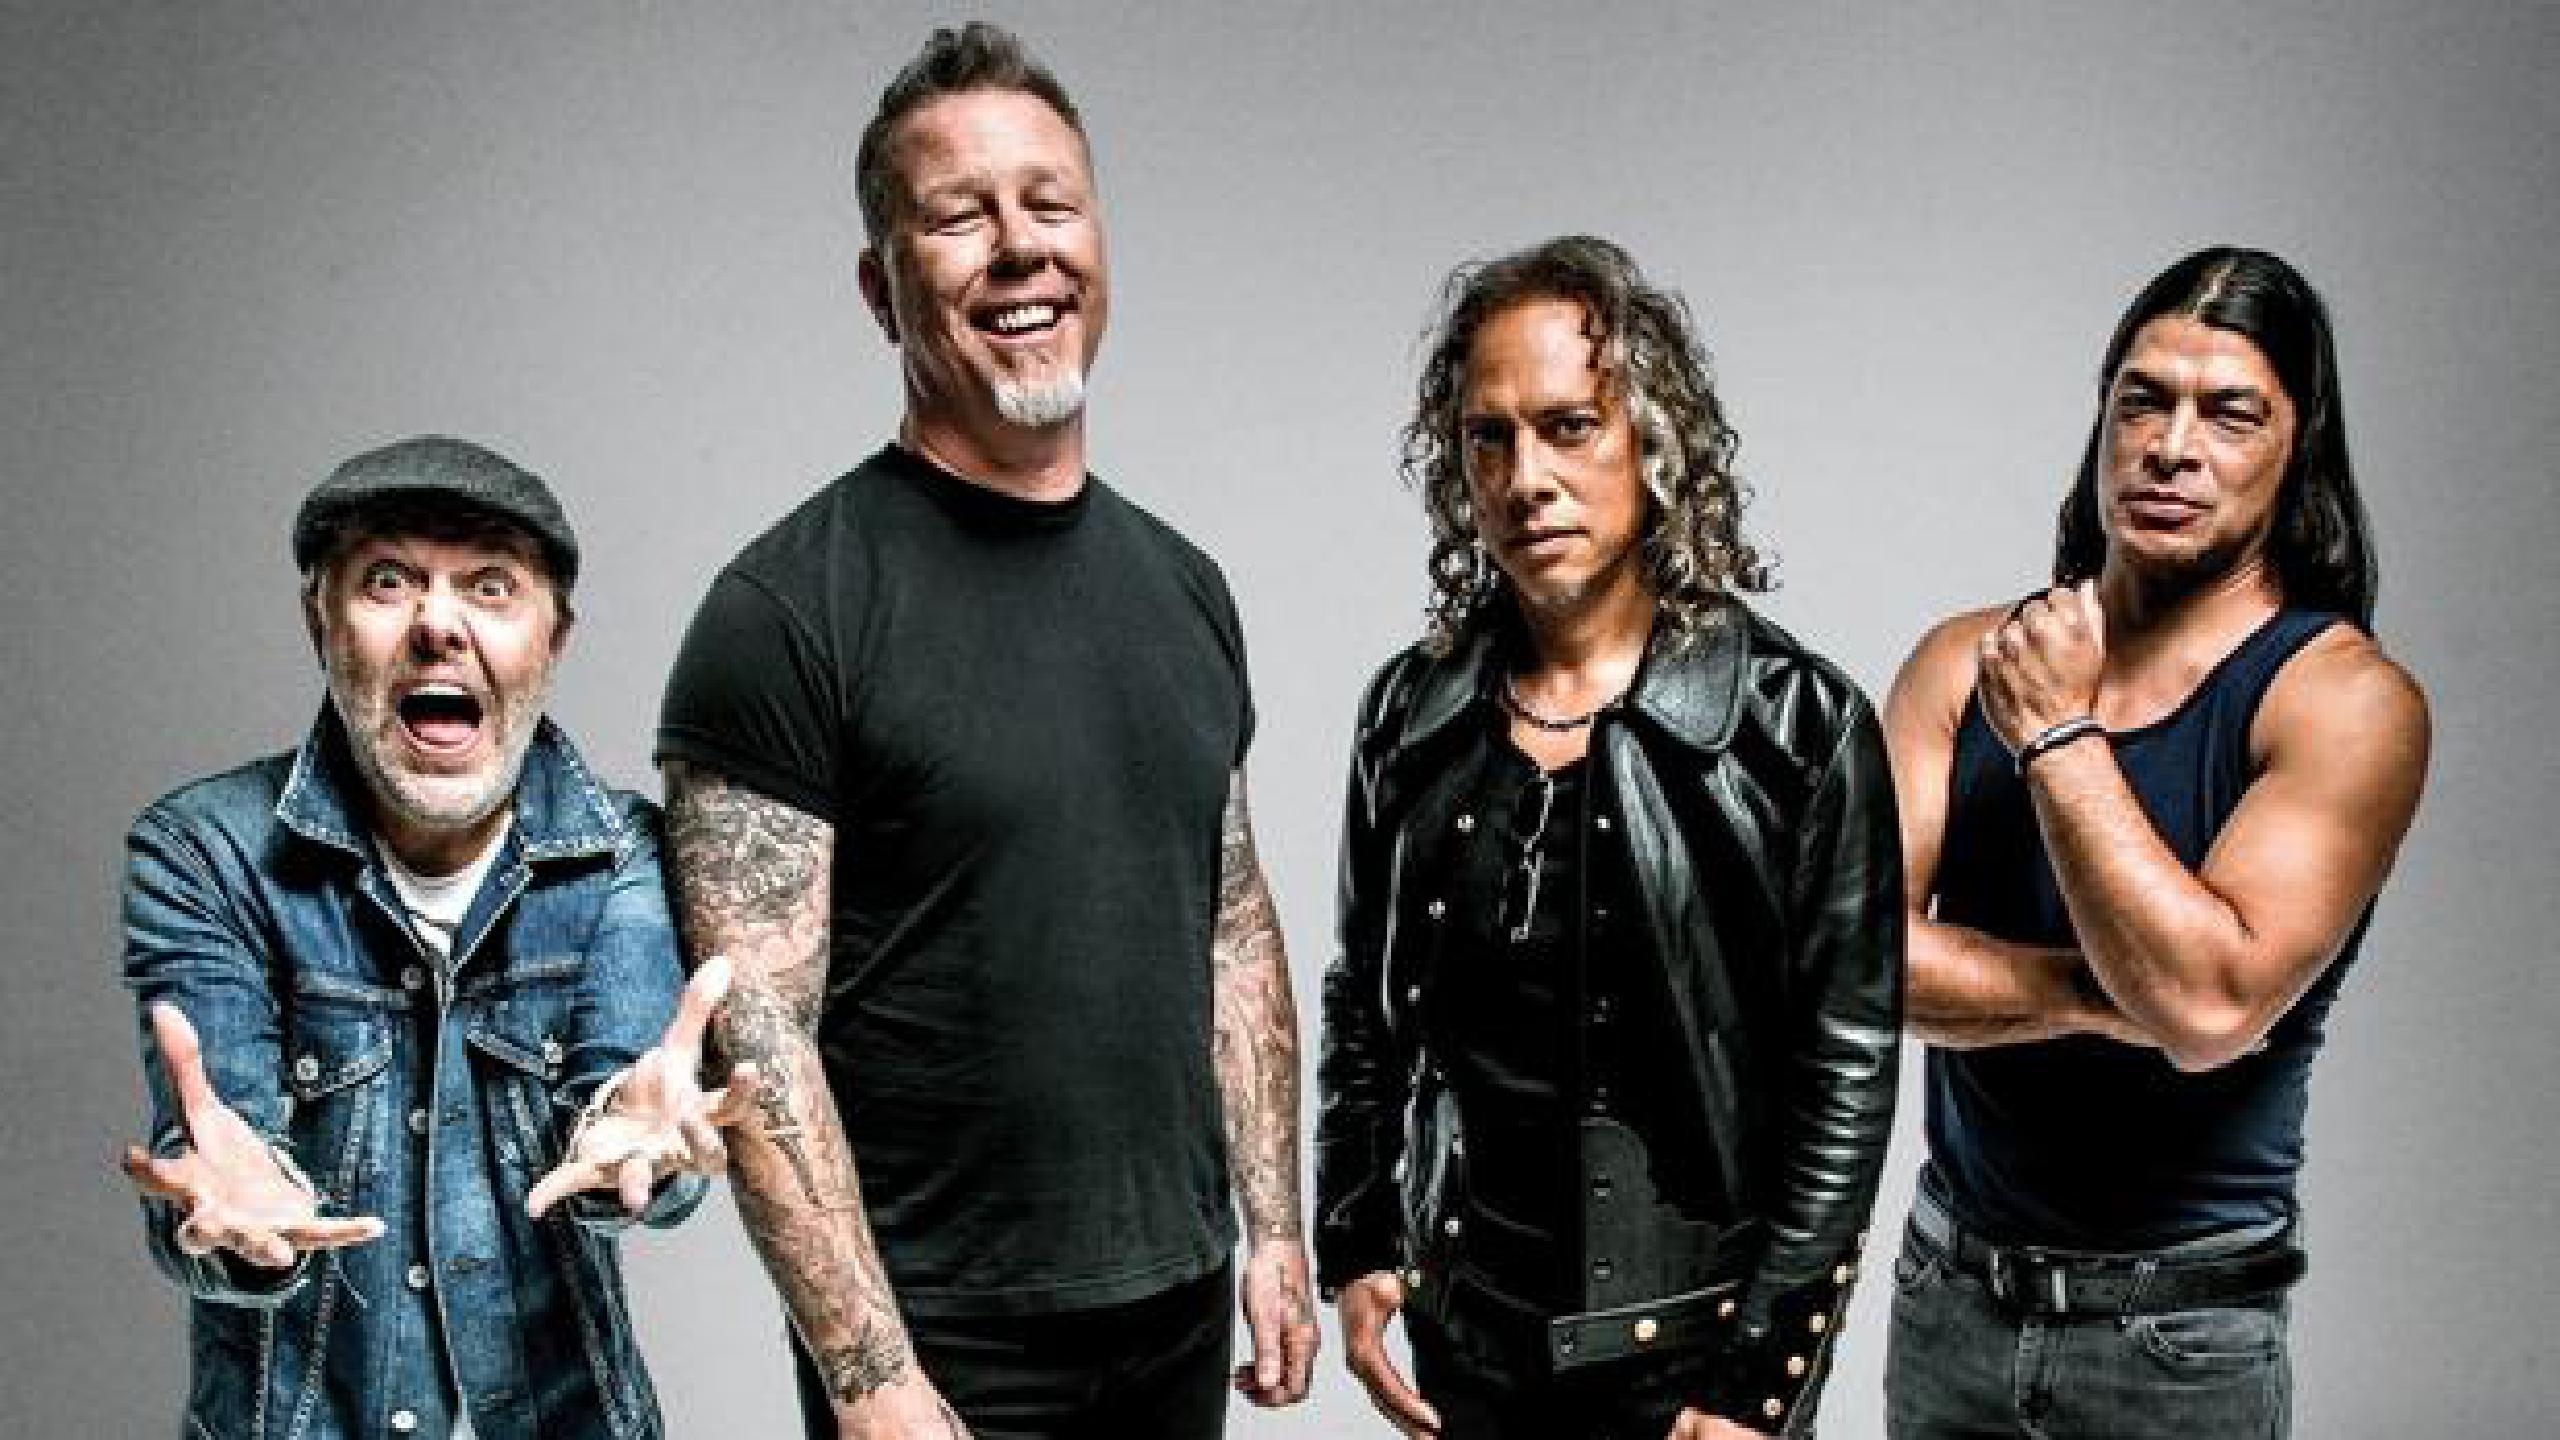 Metallica fechas de gira 2020 2021. Metallica entradas y conciertos | Wegow España